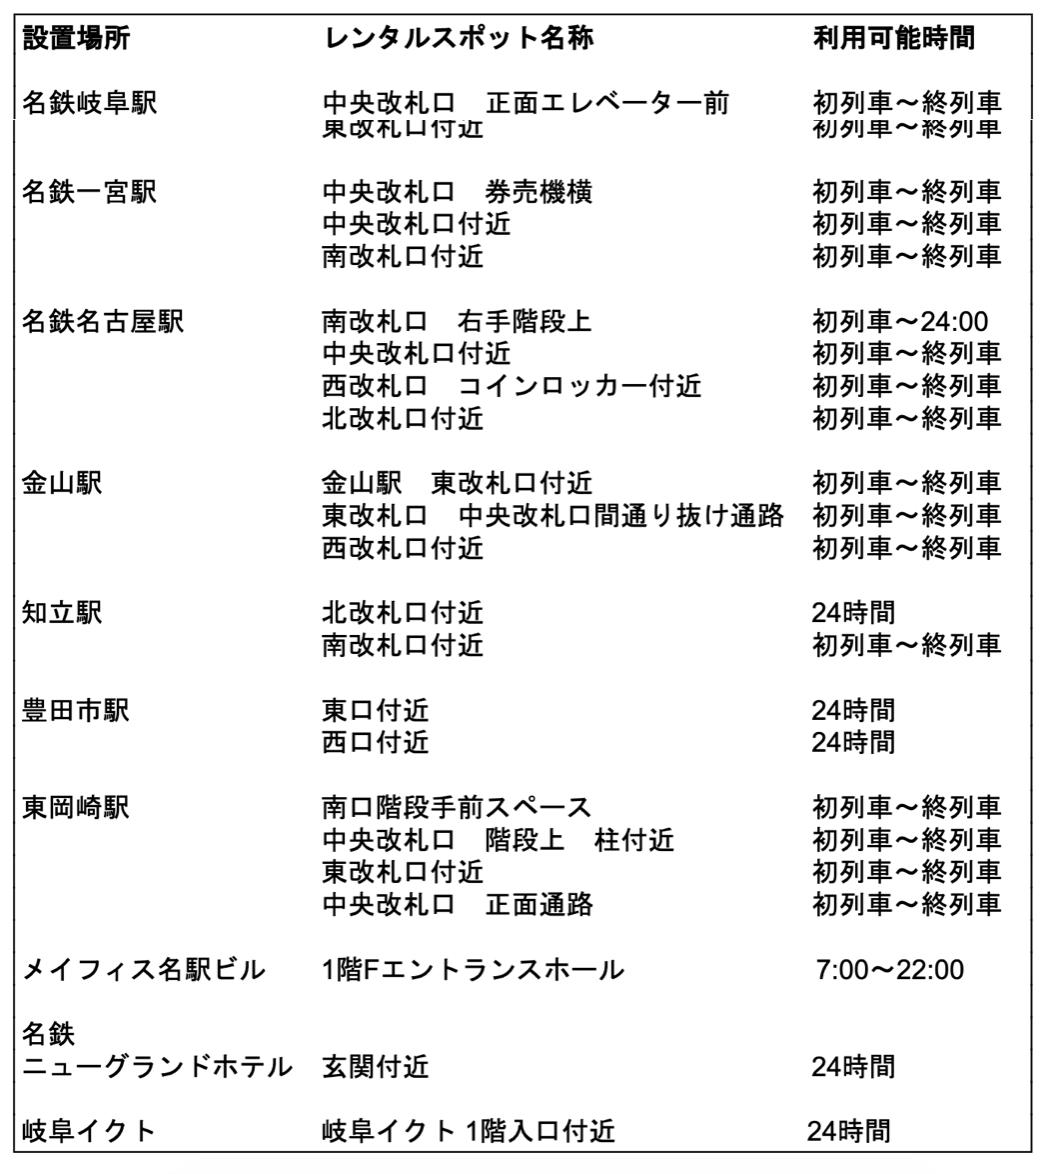 突然の雨でも駅で気軽に傘をレンタル!東海圏で「アイカサ」運用中 - 2020 06 25 12.38.23